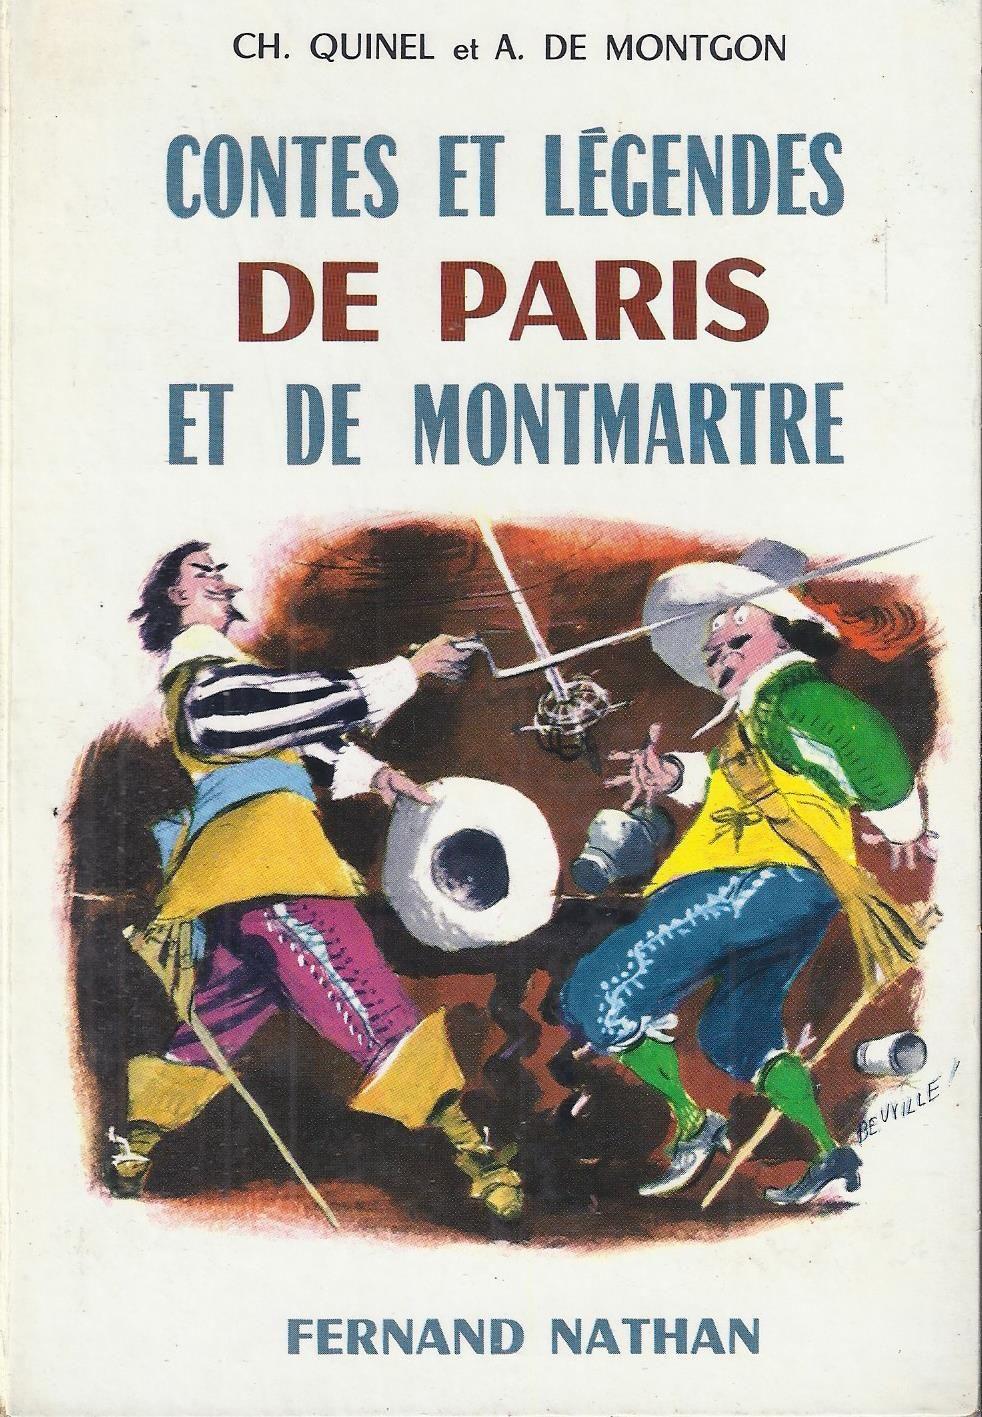 References Contes Et Legendes De Paris Et De Montmartre 1962 Grandes Images Contes Et Legendes Conte Legende